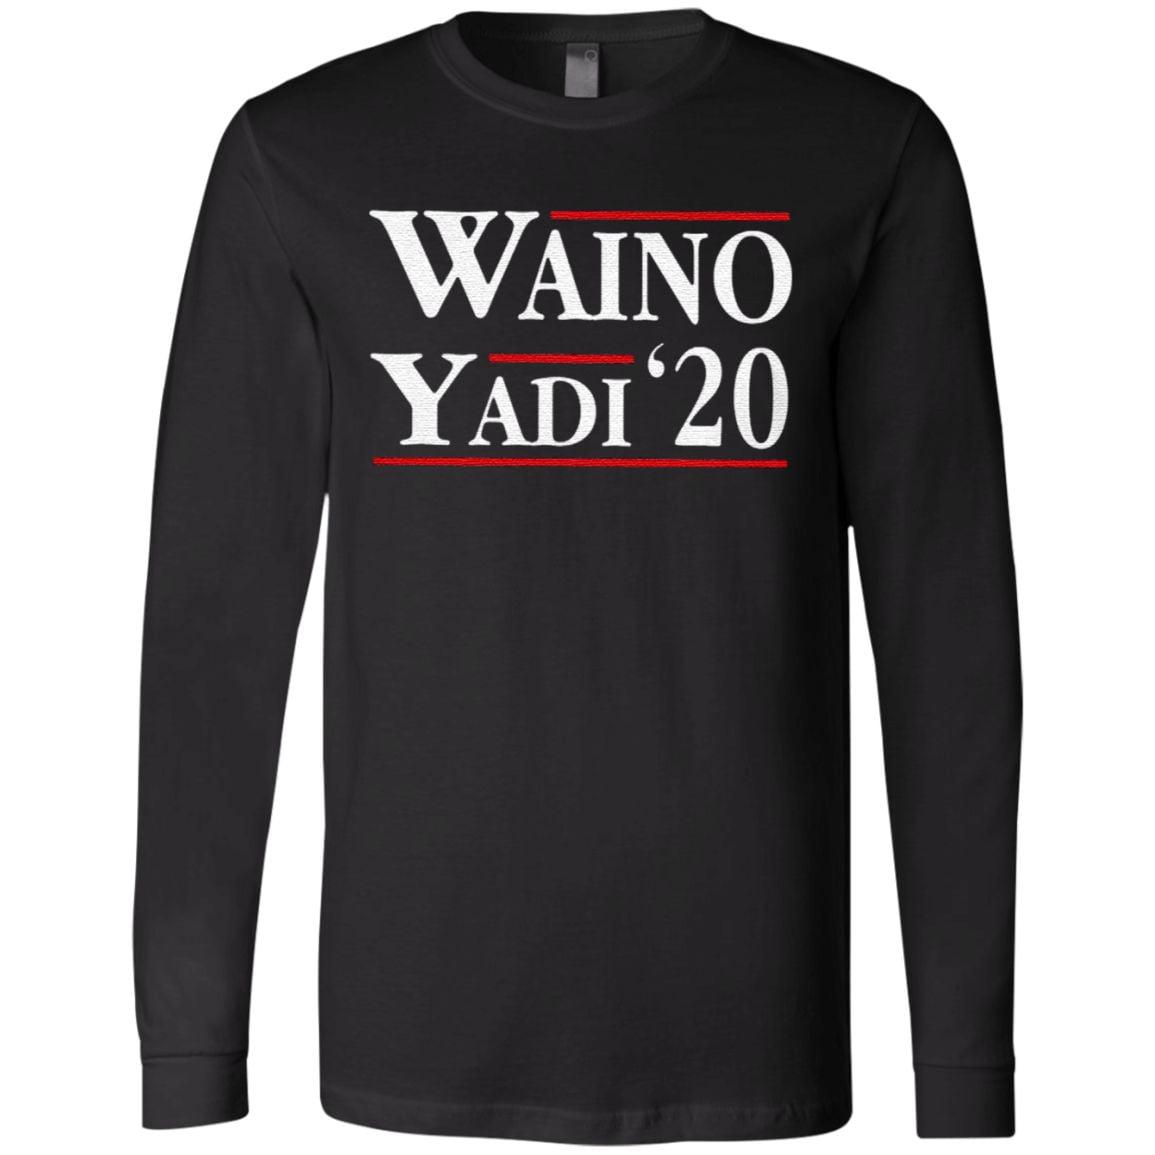 Waino Yadi 2020 T Shirt